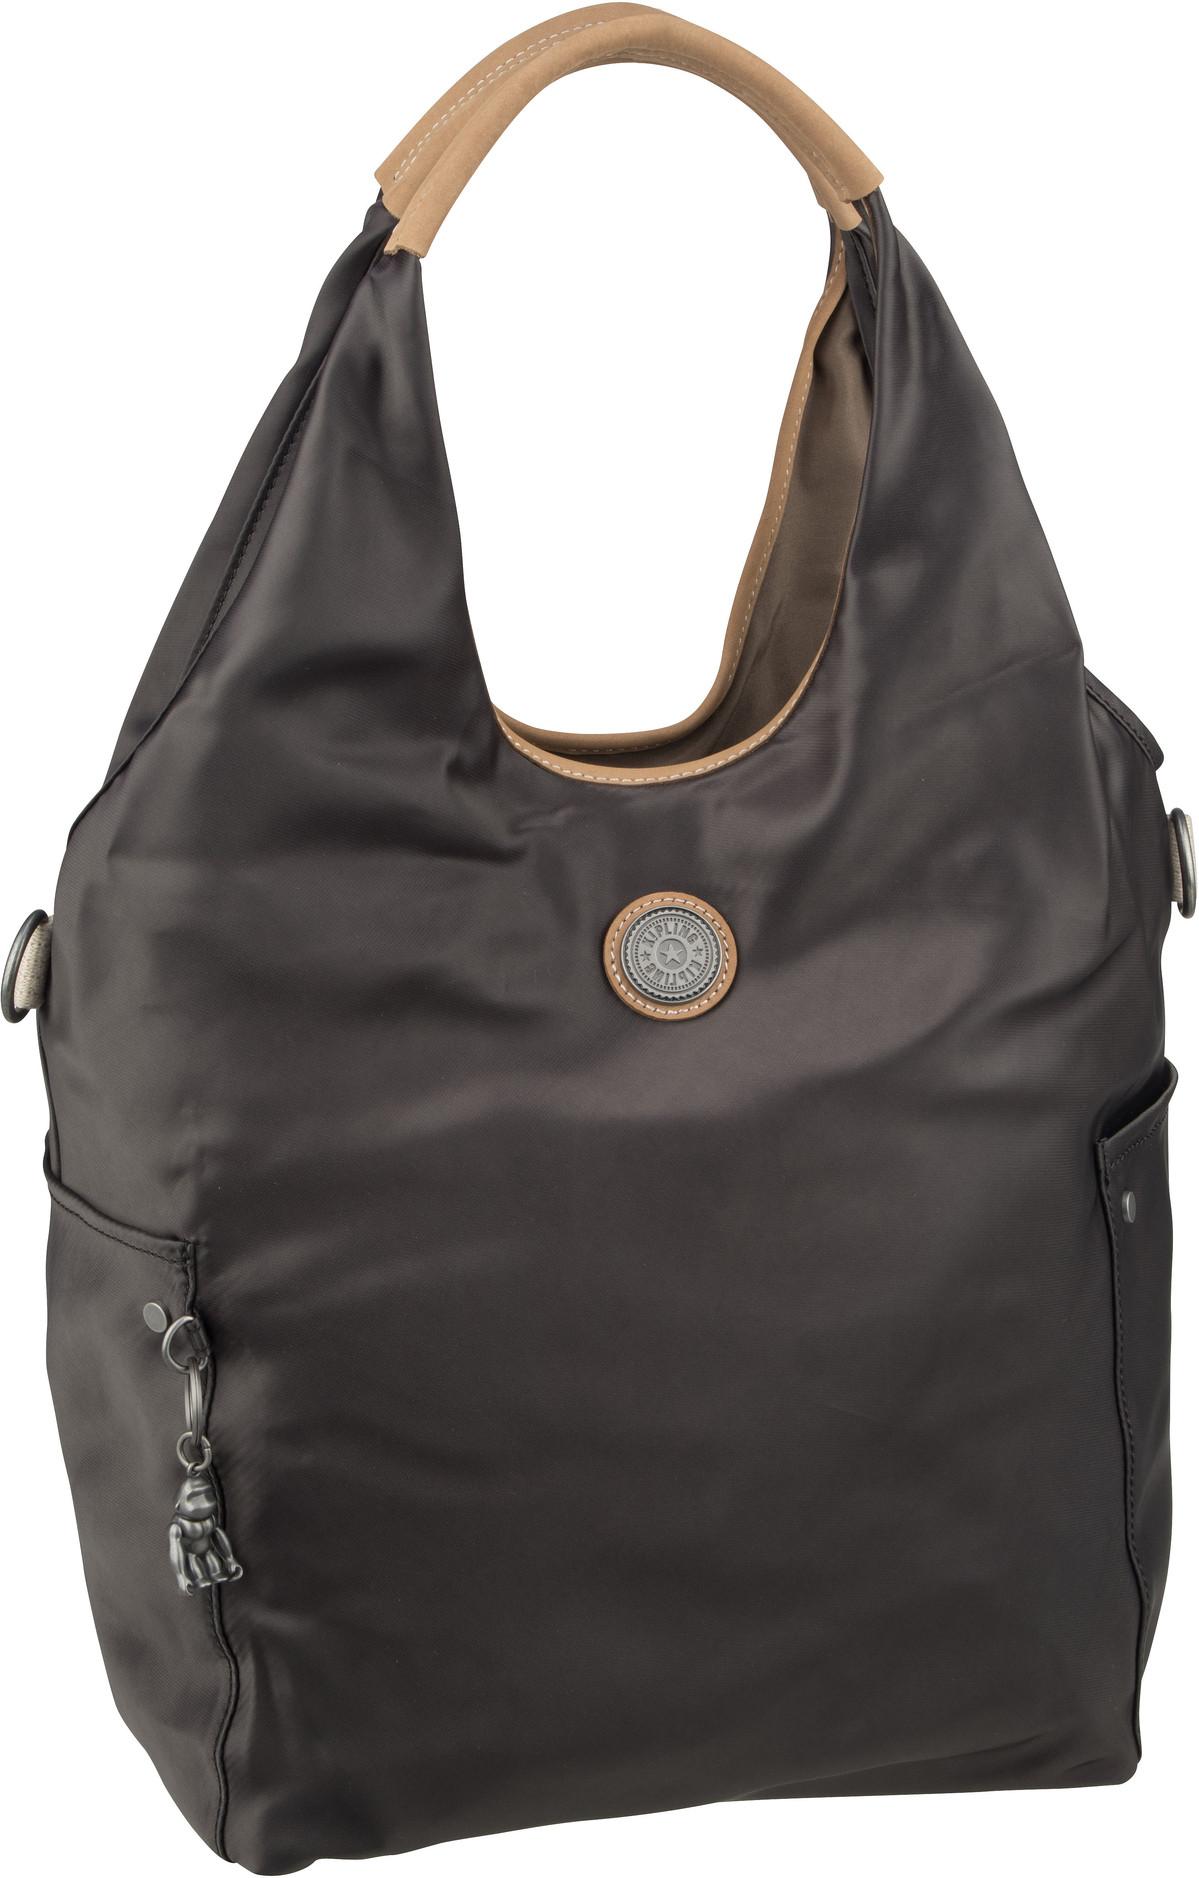 Handtasche Urbana Edgeland Delicate Black (20 Liter)